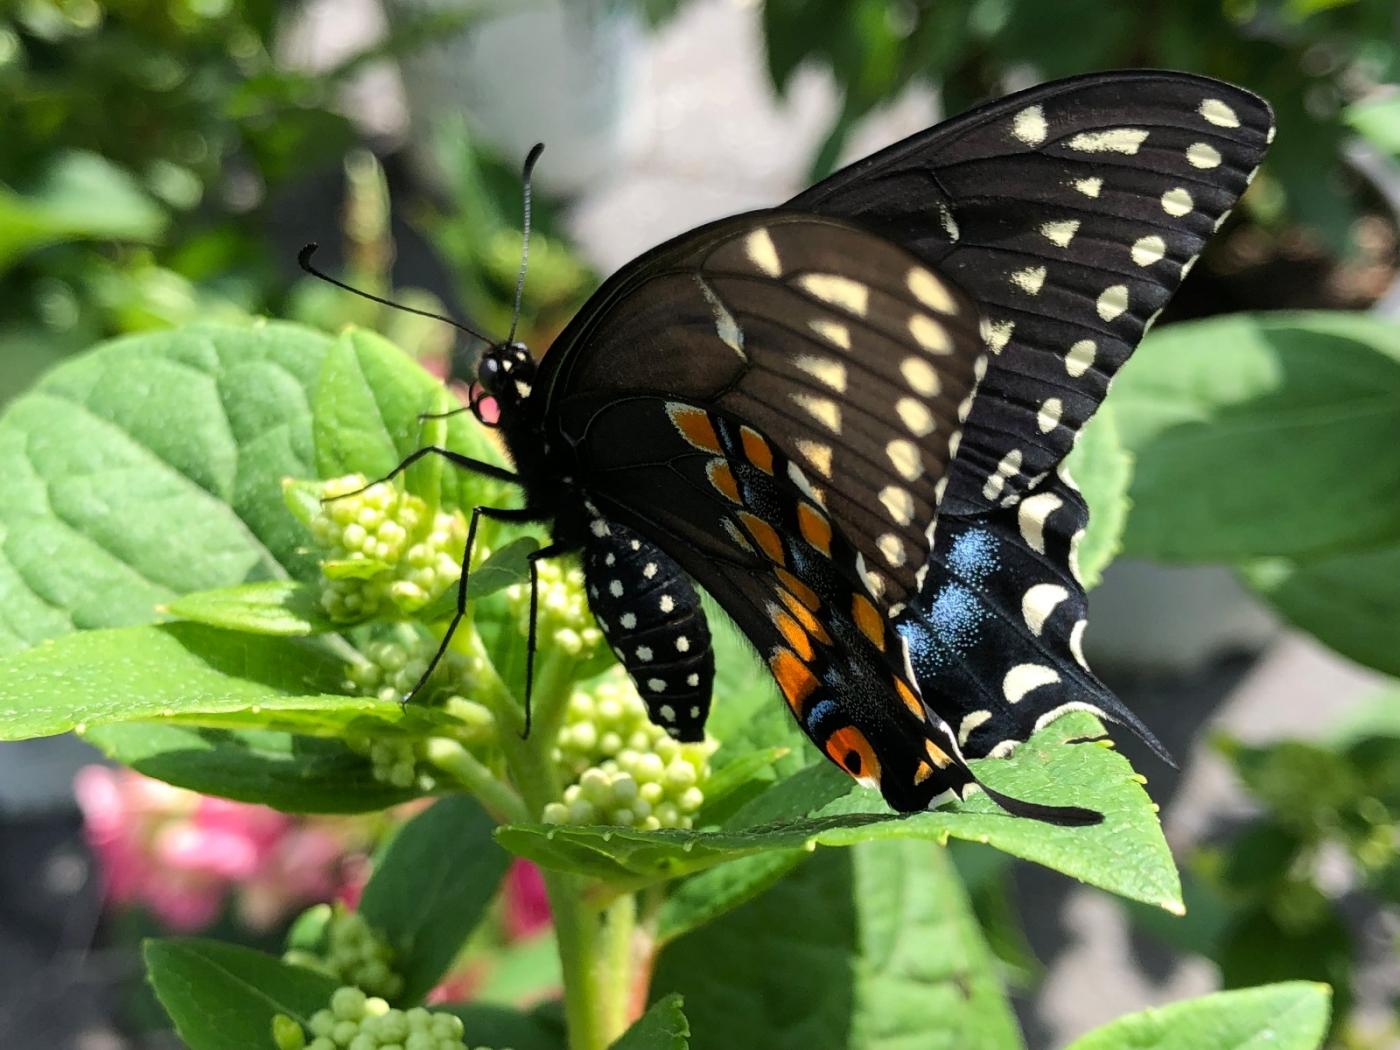 【田螺随拍】我种了马鞭草蝴蝶就来了_图1-2